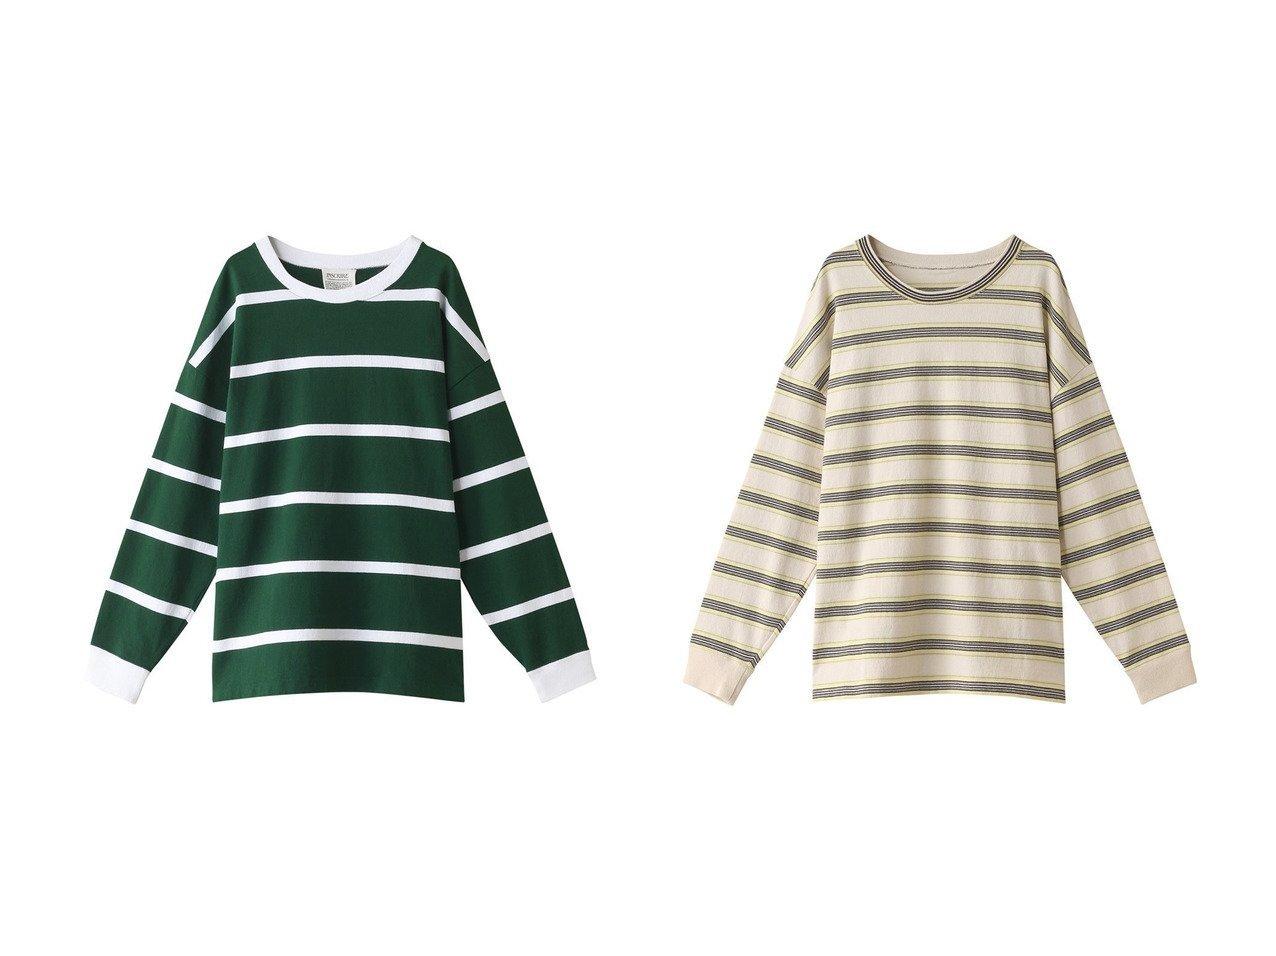 【INSCRIRE/アンスクリア】のコットンボーダービッグロングスリーブTシャツ INSCRIREのおすすめ!人気、トレンド・レディースファッションの通販 おすすめで人気の流行・トレンド、ファッションの通販商品 メンズファッション・キッズファッション・インテリア・家具・レディースファッション・服の通販 founy(ファニー) https://founy.com/ ファッション Fashion レディースファッション WOMEN トップス Tops Tshirt シャツ/ブラウス Shirts Blouses ロング / Tシャツ T-Shirts カットソー Cut and Sewn 2021年 2021 2021 春夏 S/S SS Spring/Summer 2021 S/S 春夏 SS Spring/Summer スリーブ トレンド ビッグ ボーダー ロング 春 Spring  ID:crp329100000019476